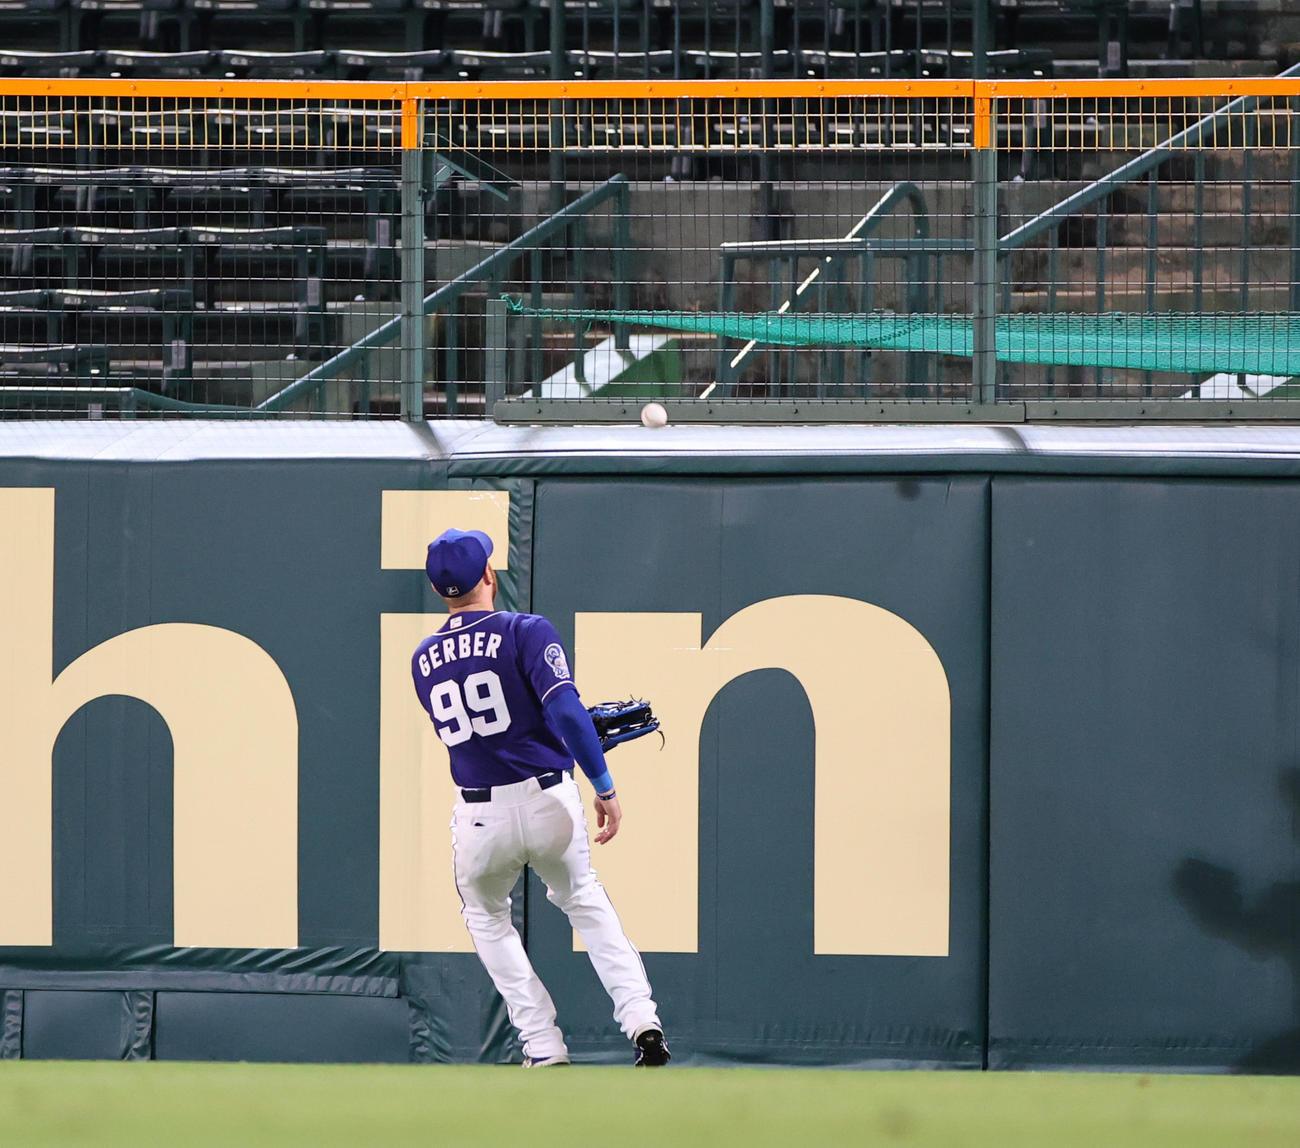 阪神対中日 4回裏阪神無死一塁、右越え二塁打を放つ佐藤輝、右翼手ガーバー(撮影・清水貴仁)